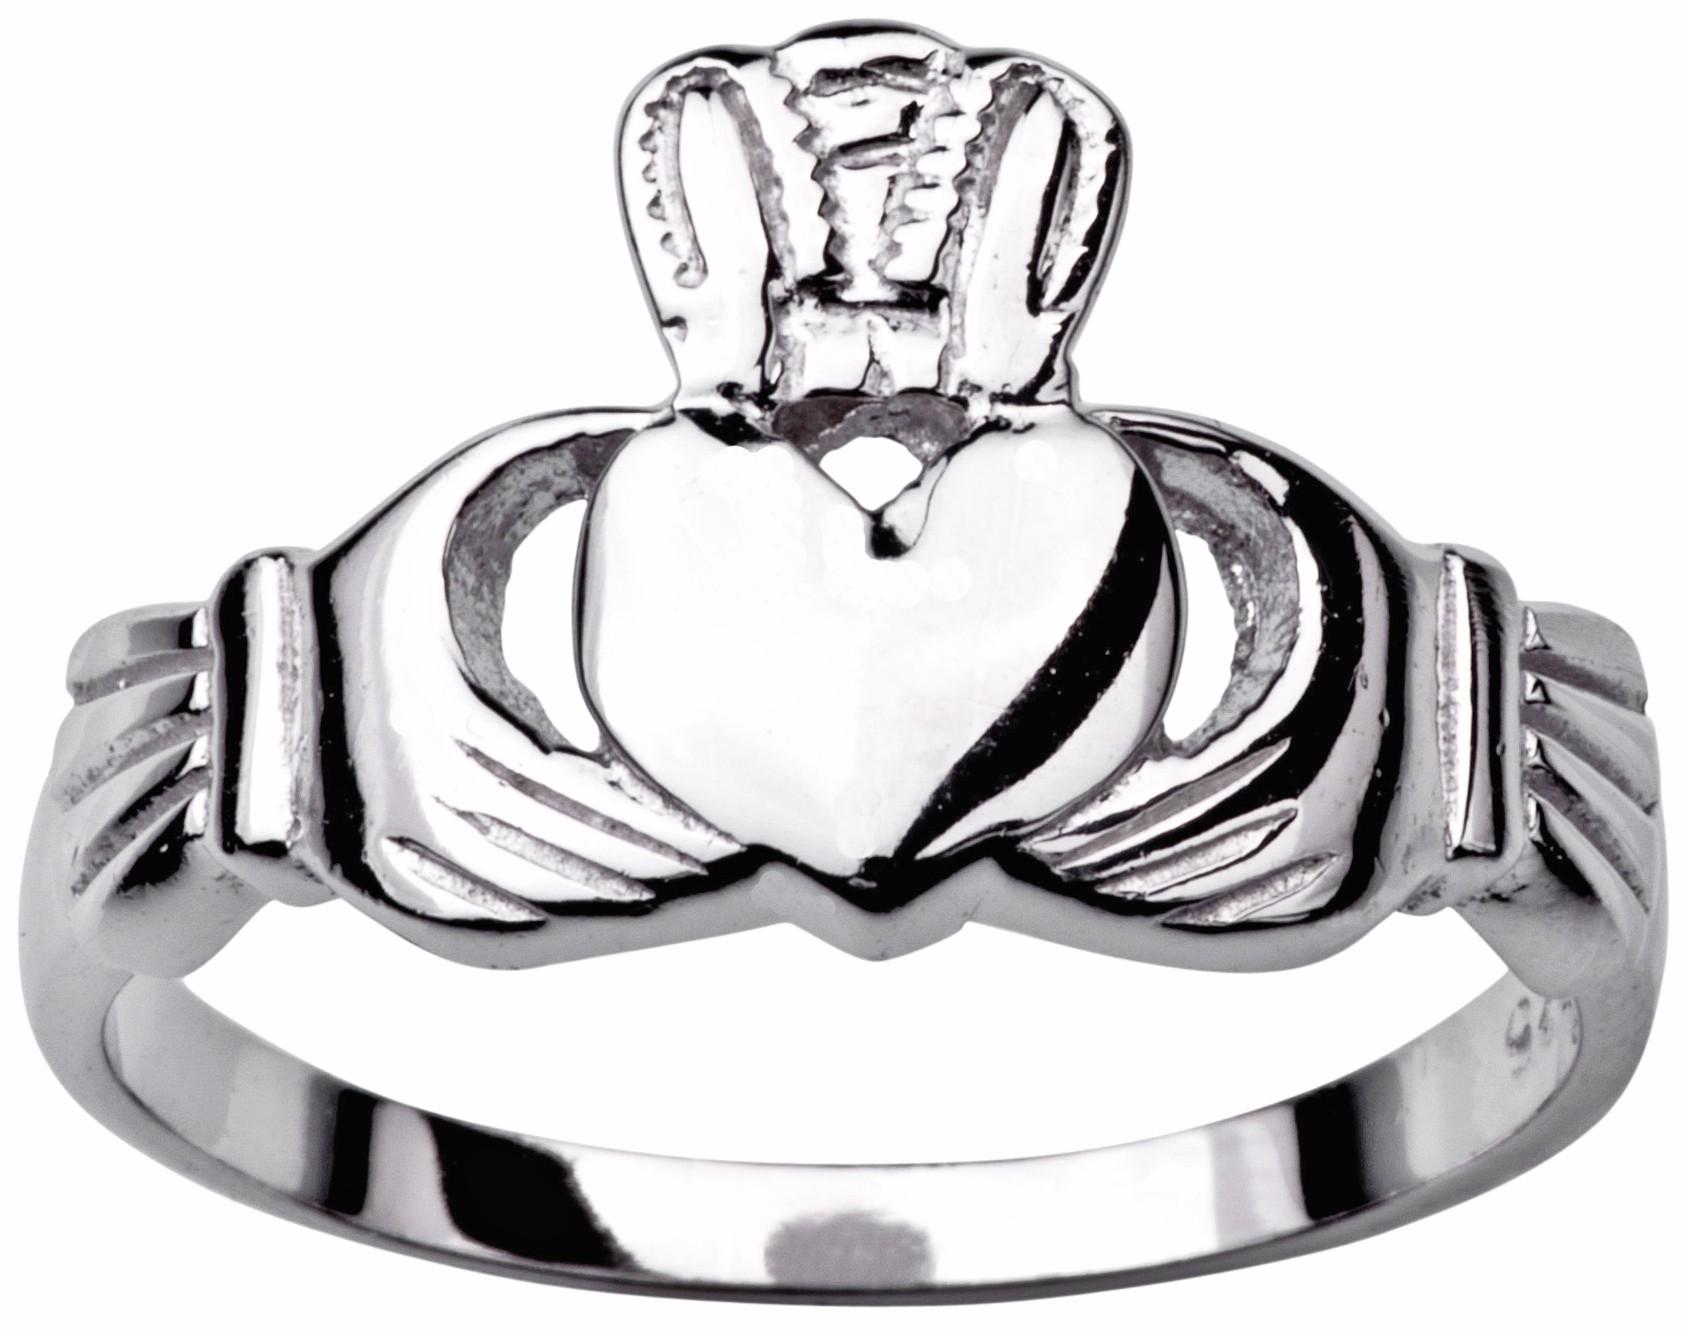 1686x1330 Silver Claddagh Ring